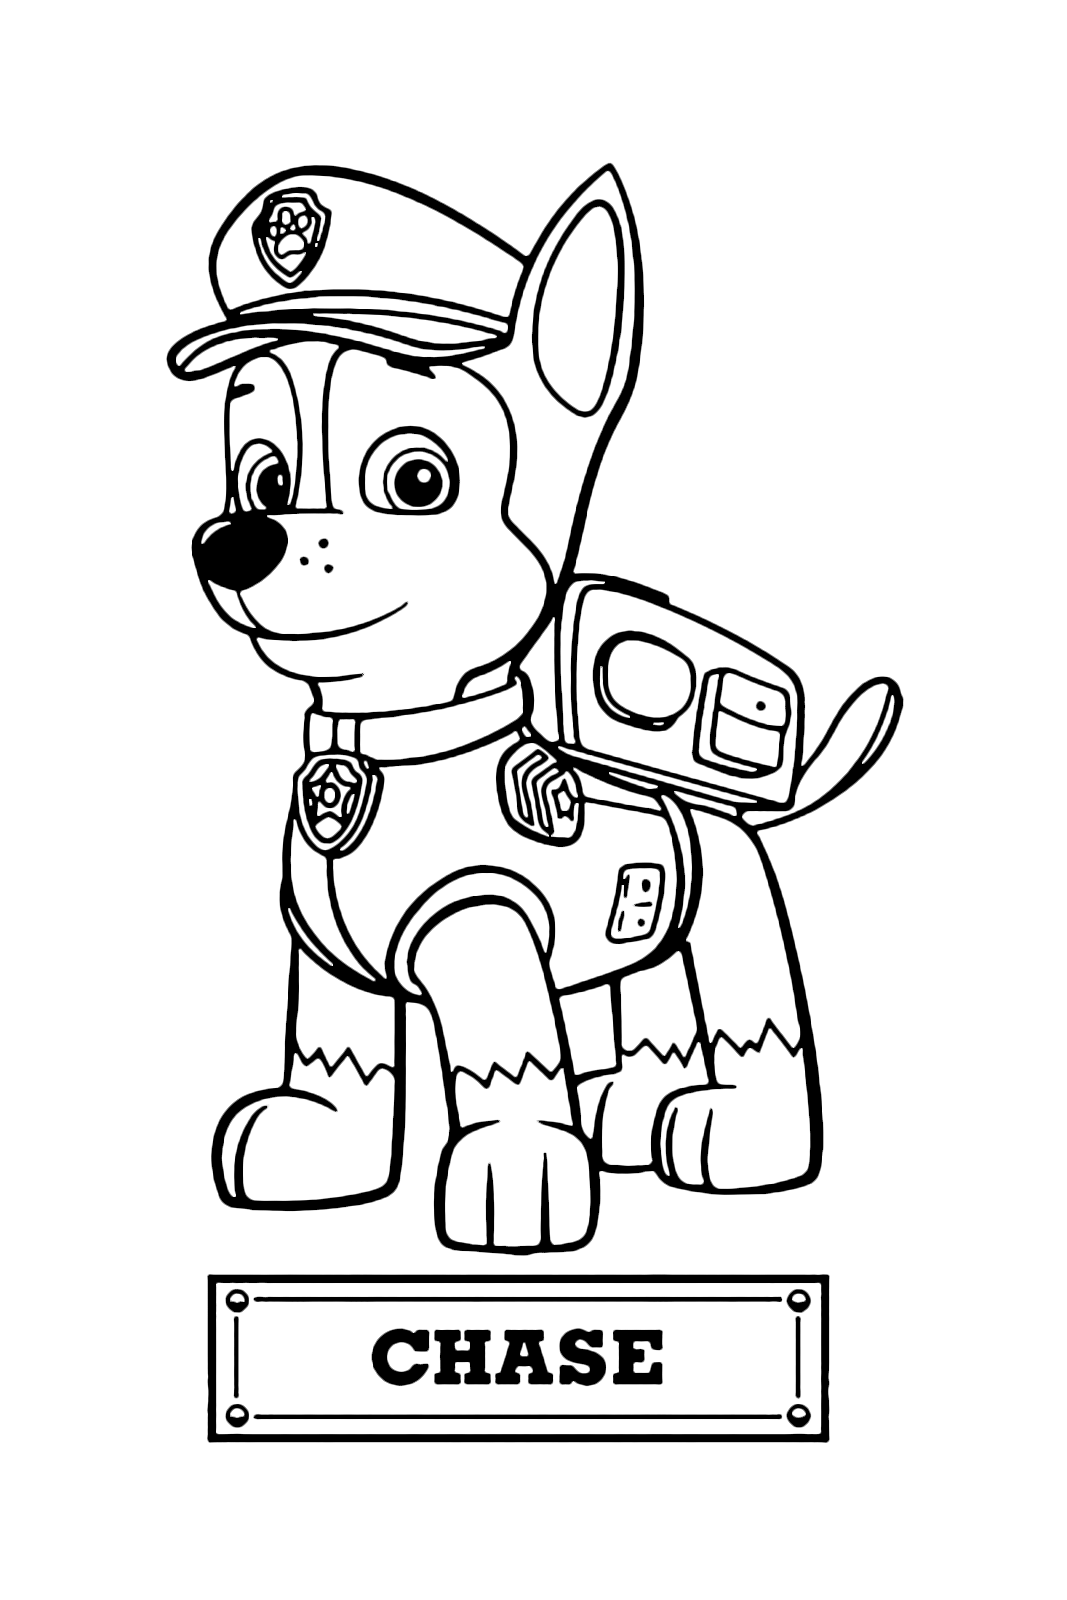 Paw patrol chase il cane poliziotto spia del gruppo for Immagini da stampare paw patrol